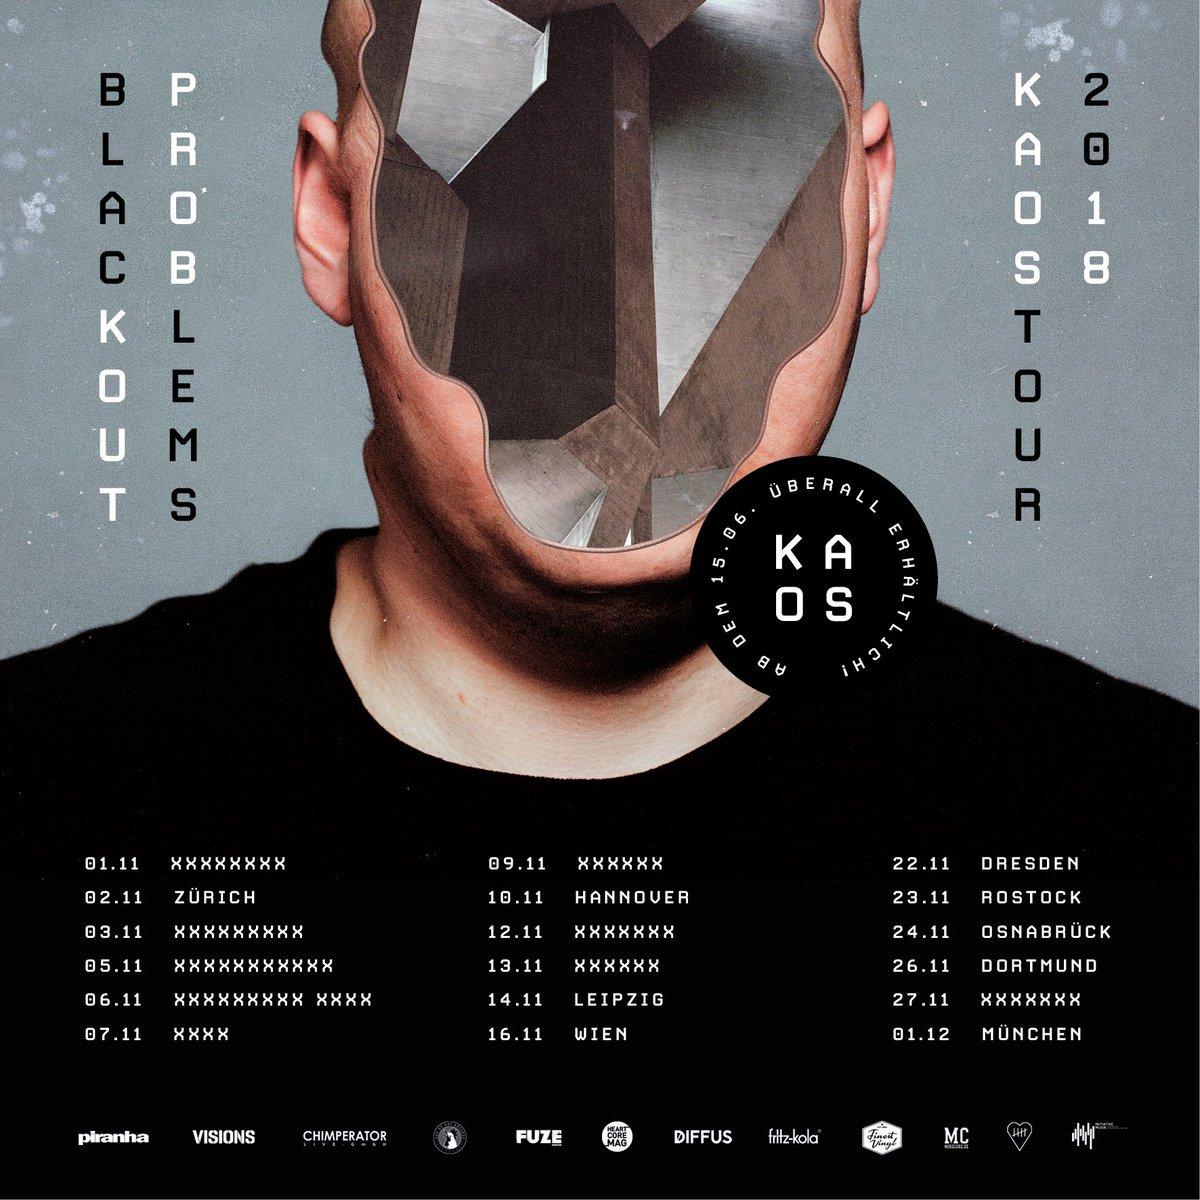 Tourplakat - Blackout Problems - Kaos Tour 2018